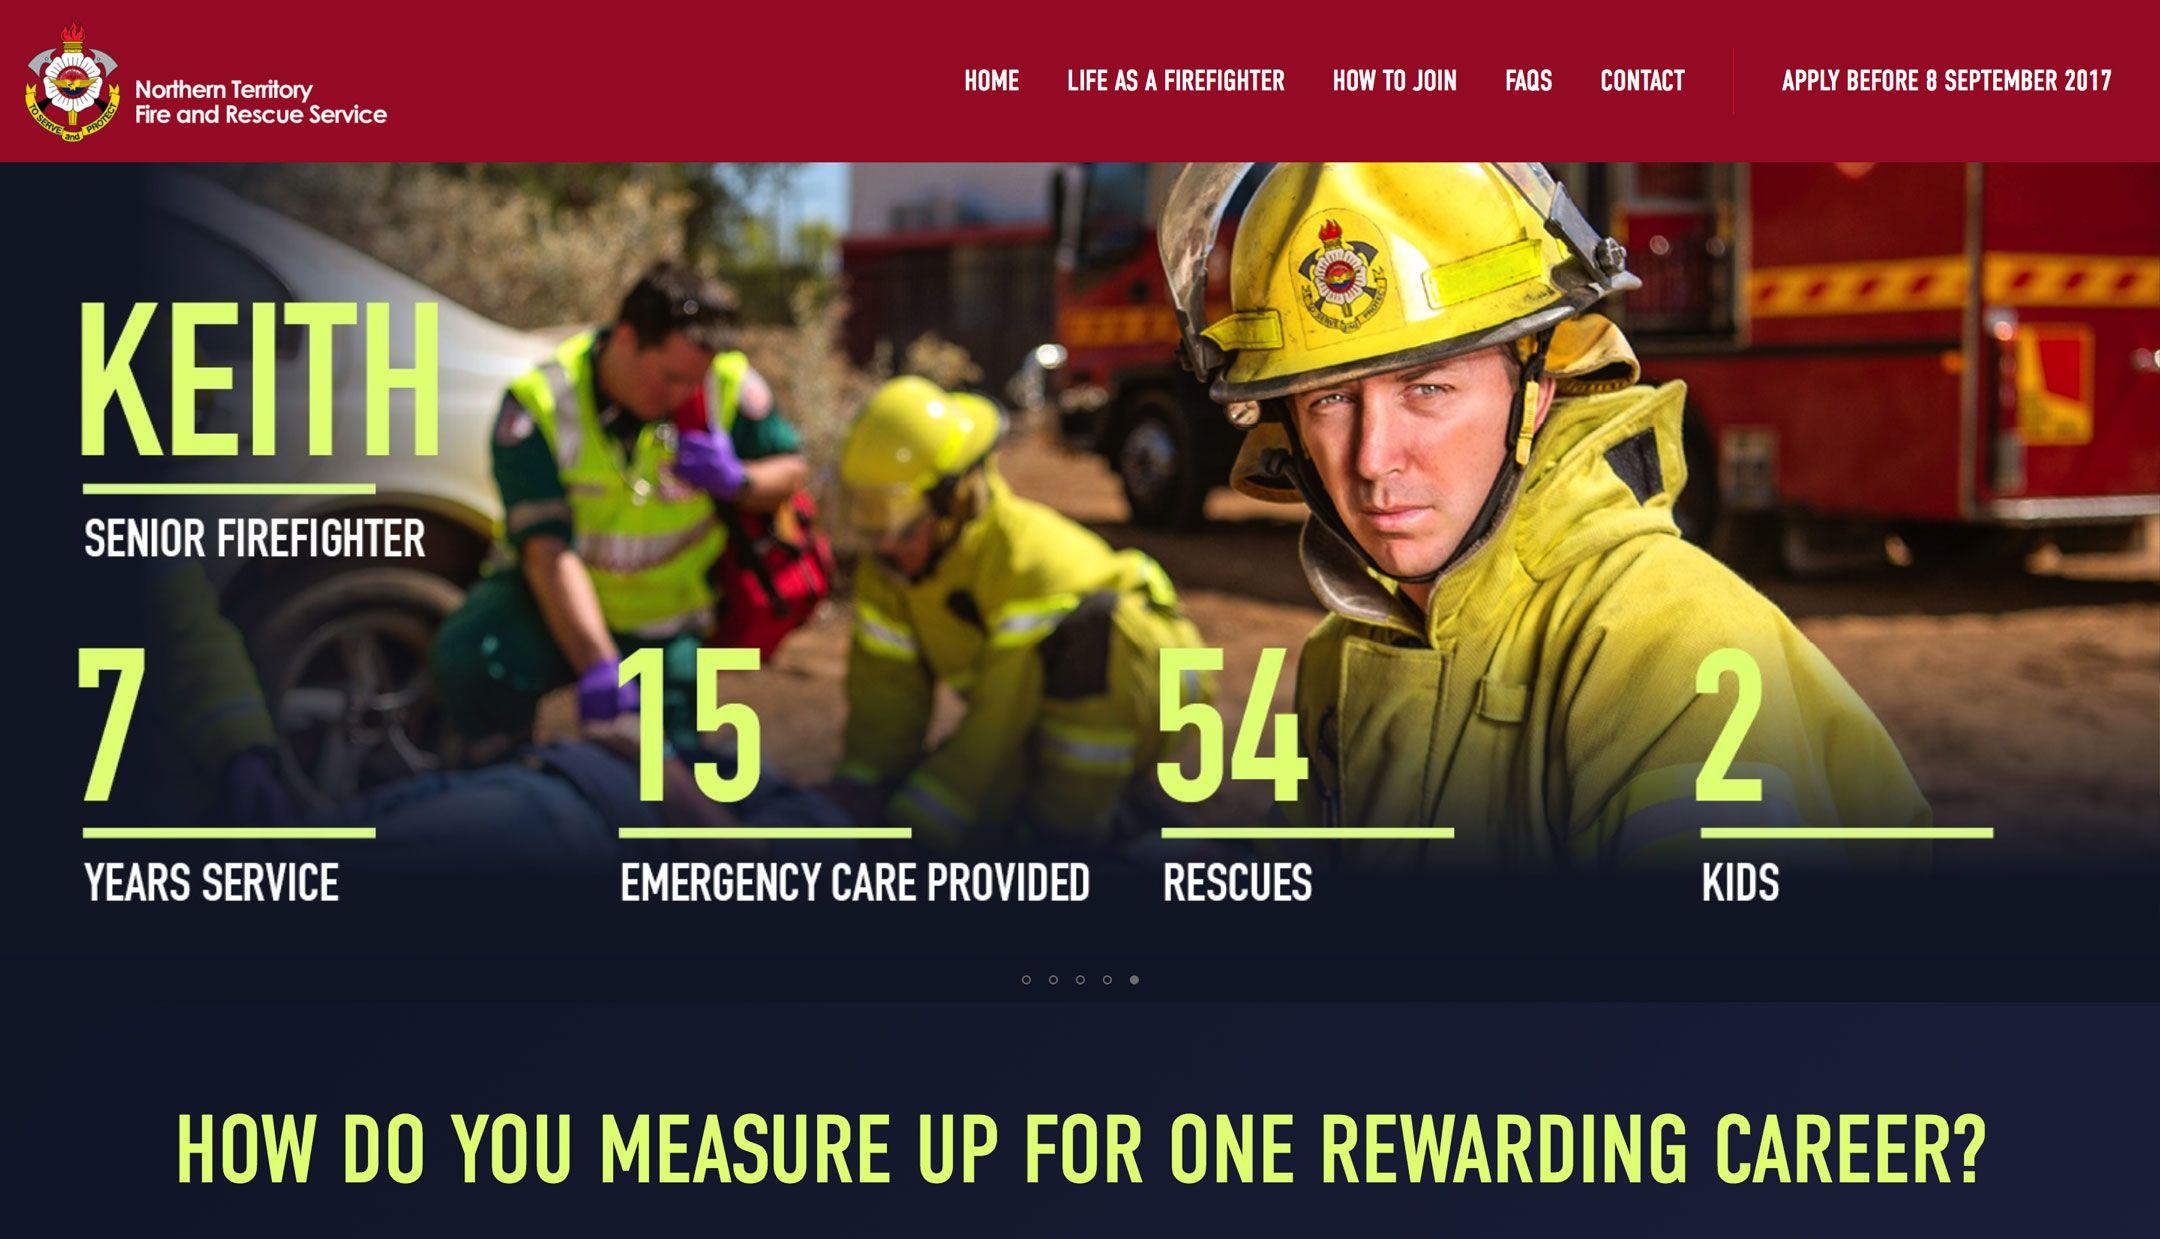 One Rewarding Career Website